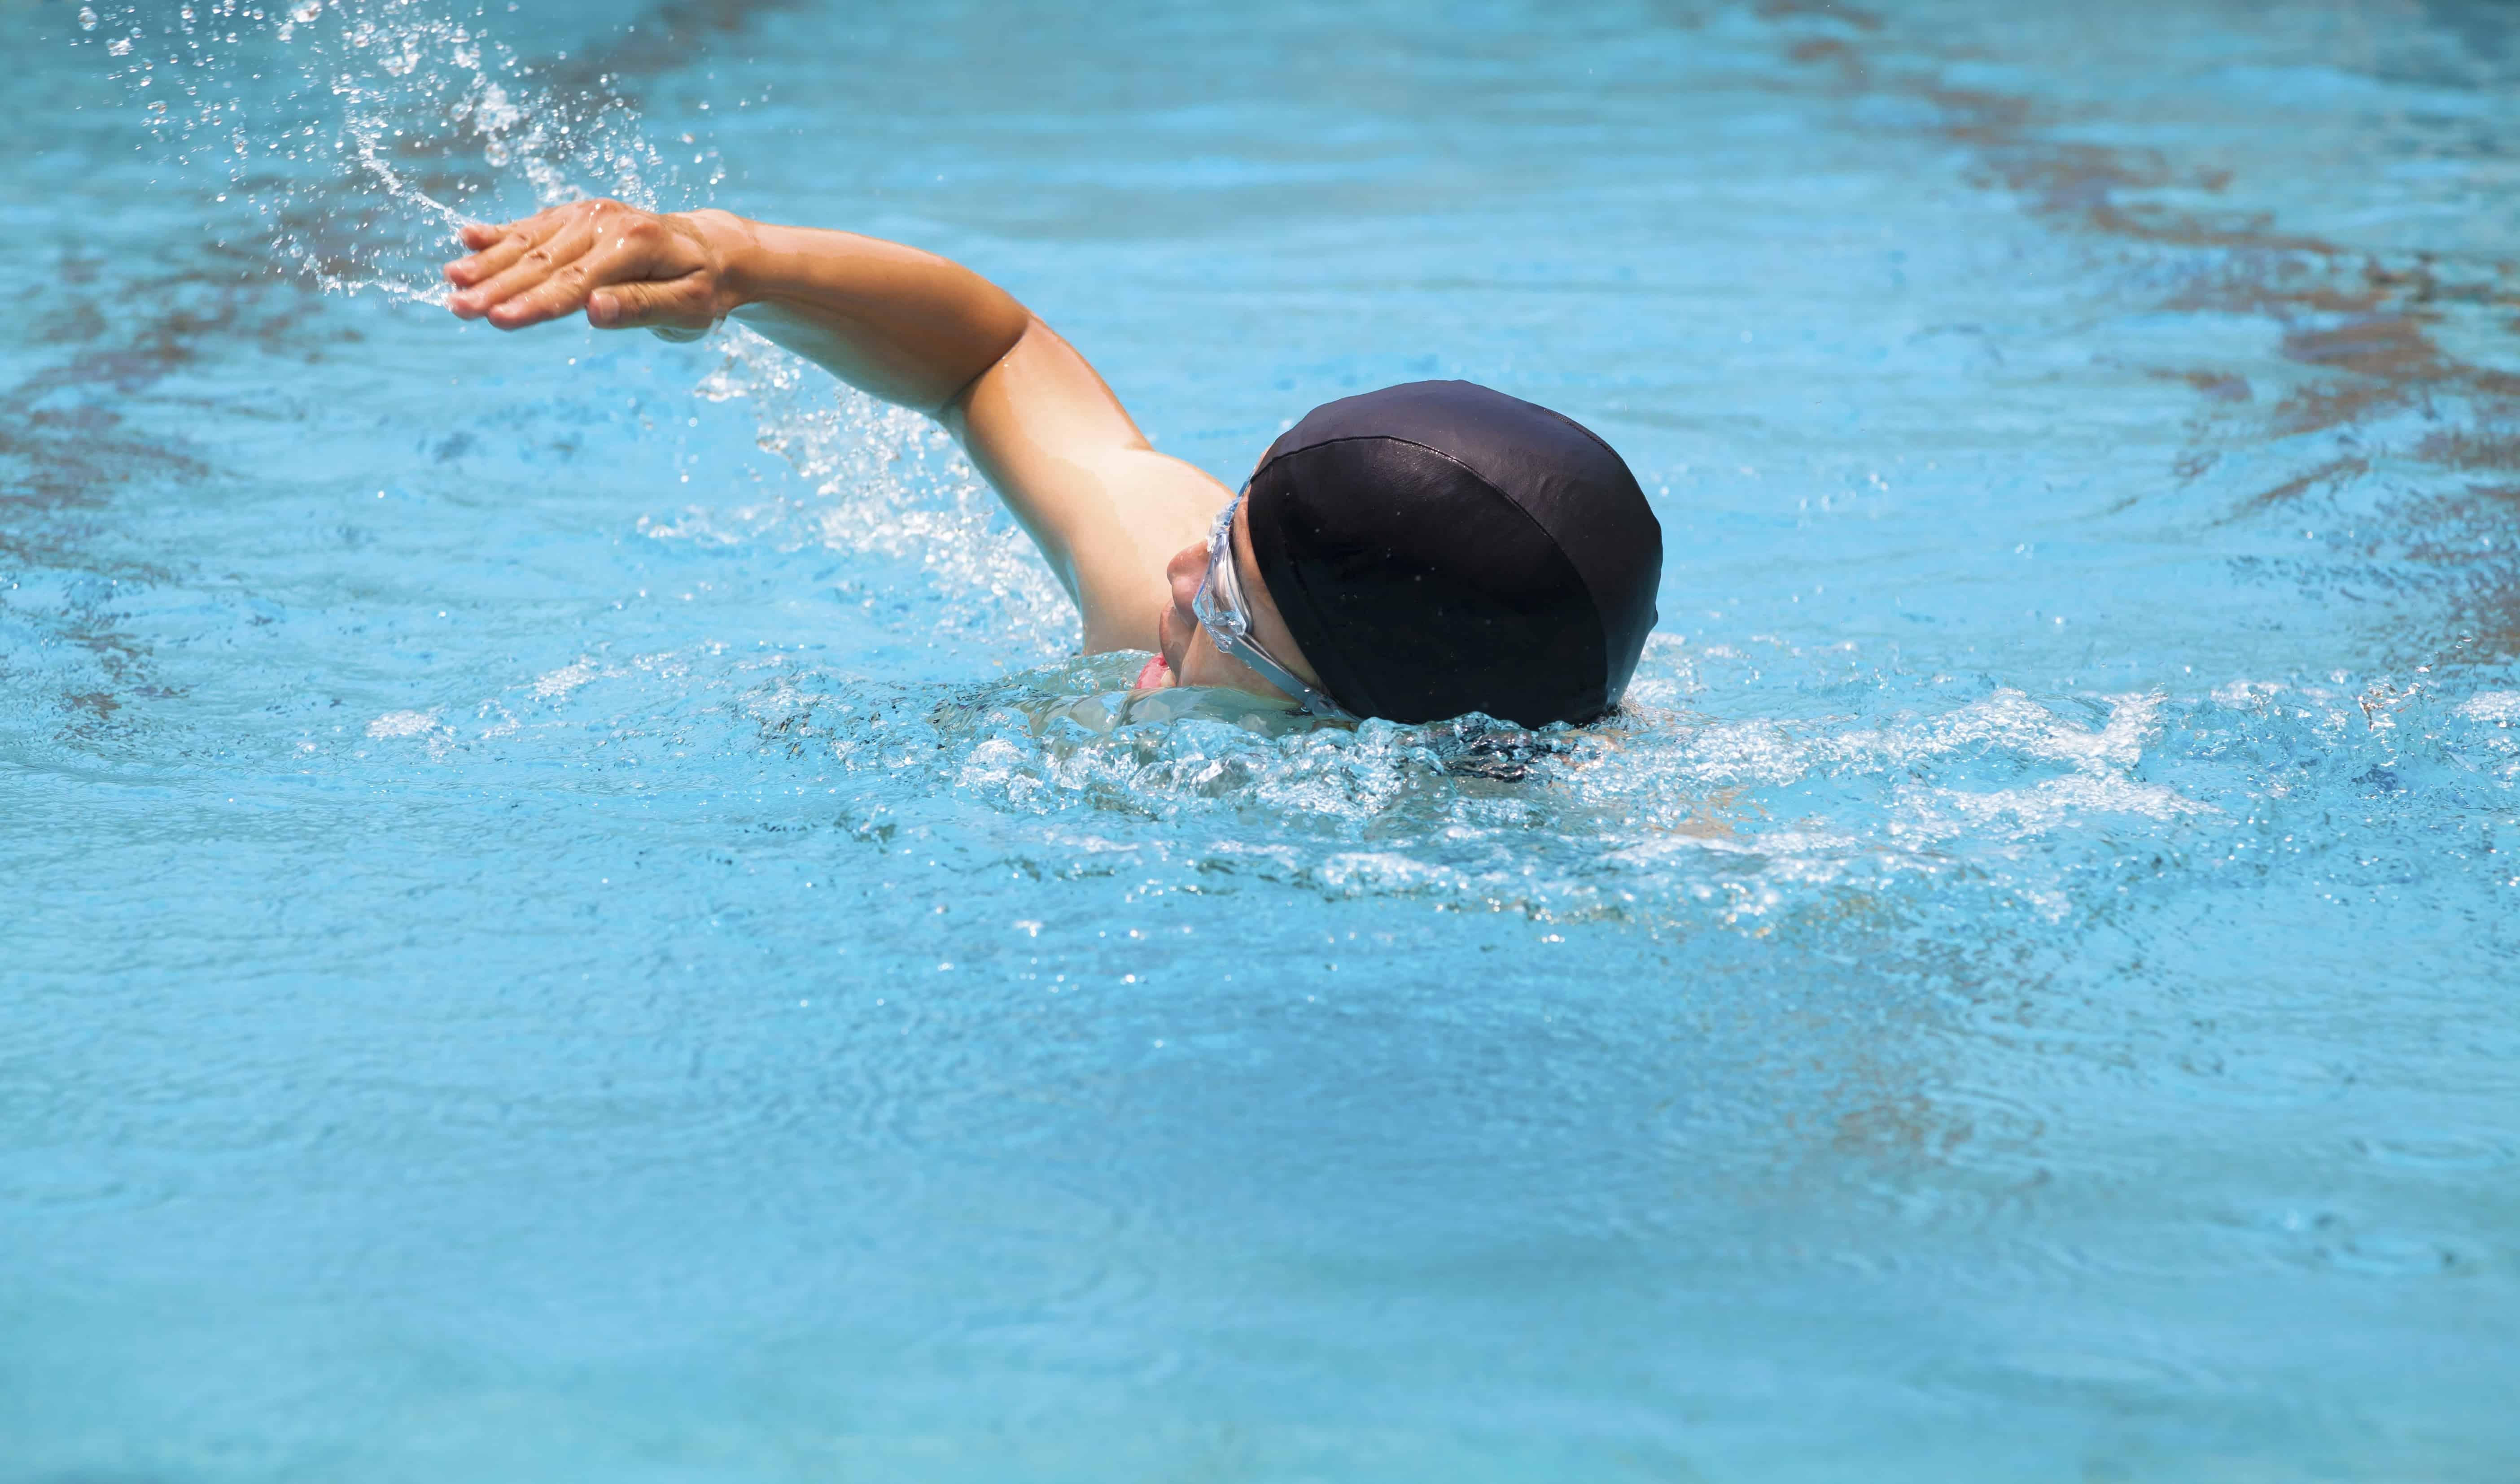 Touca de natação: Qual é a melhor de 2020?